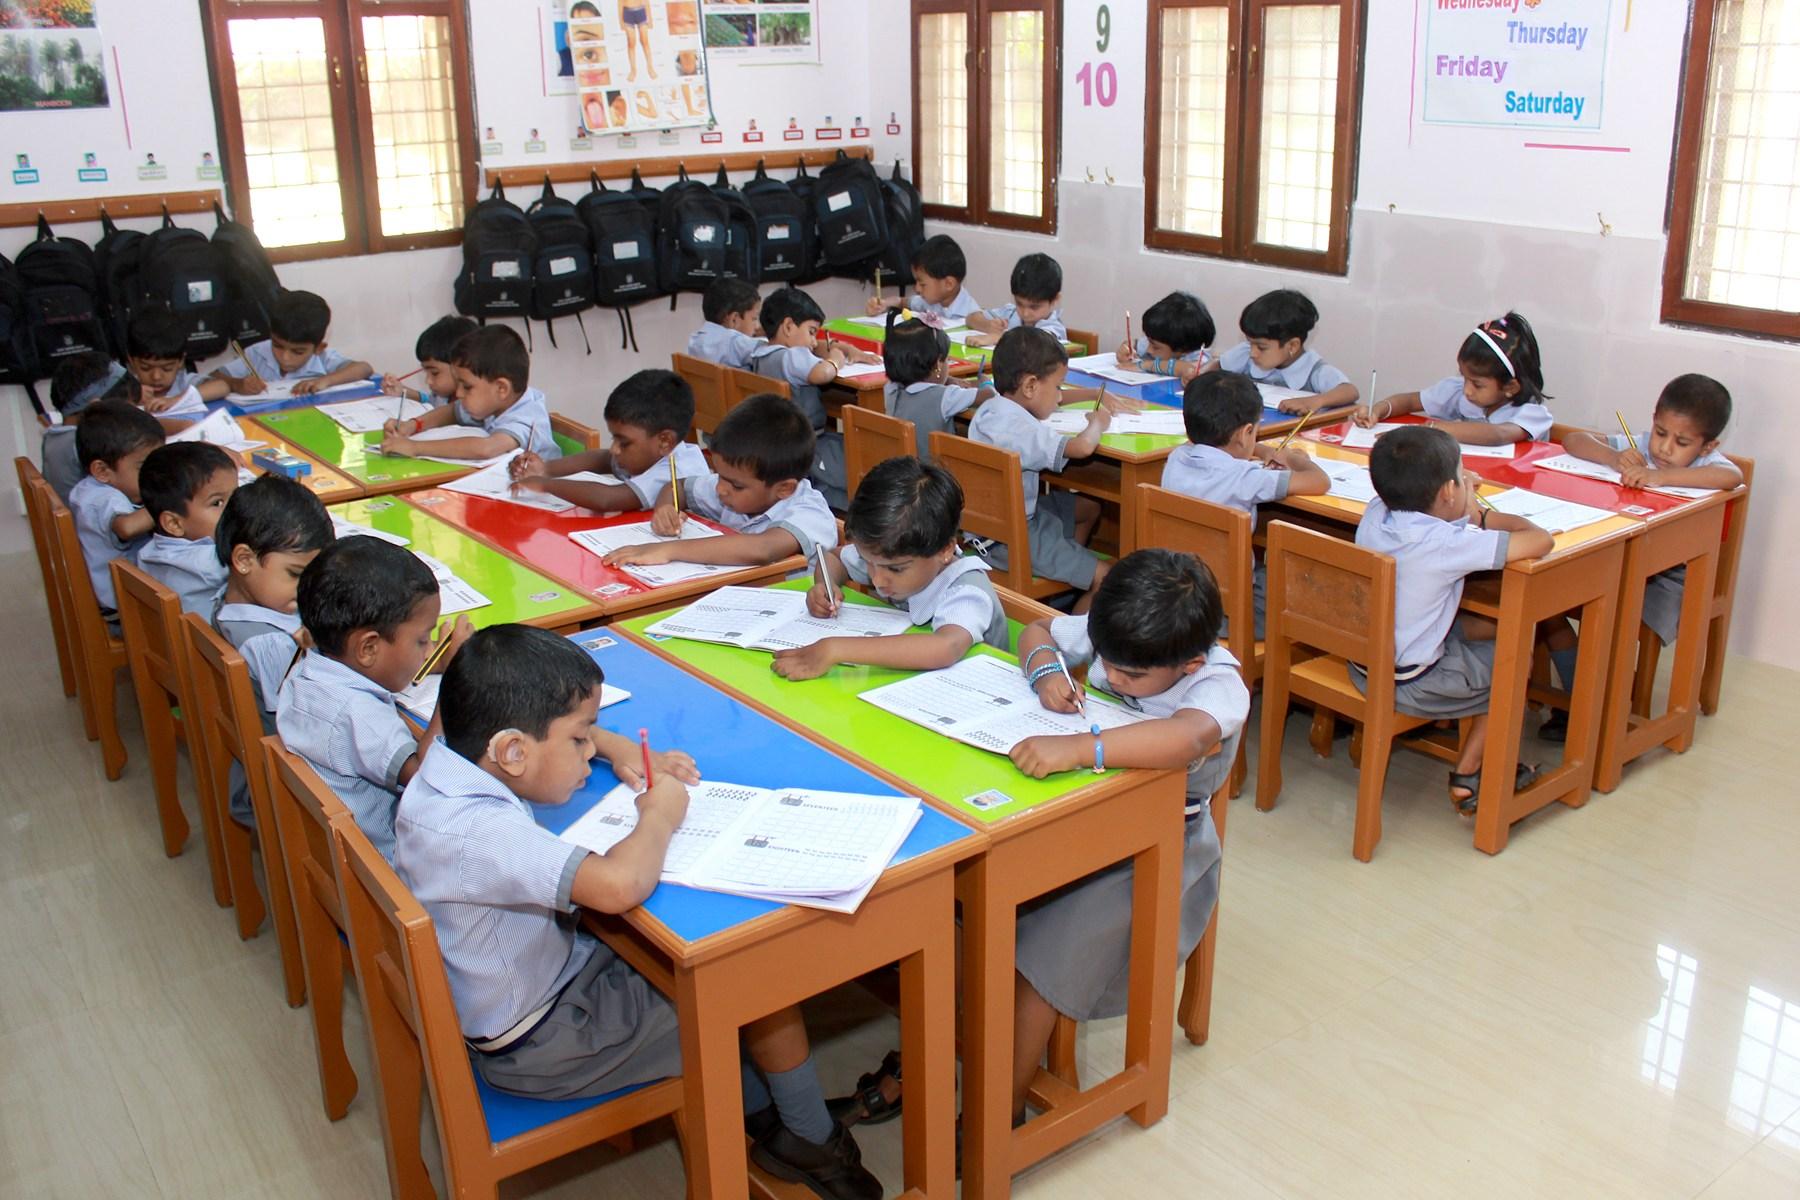 Niños en el aula de Thelathuruth